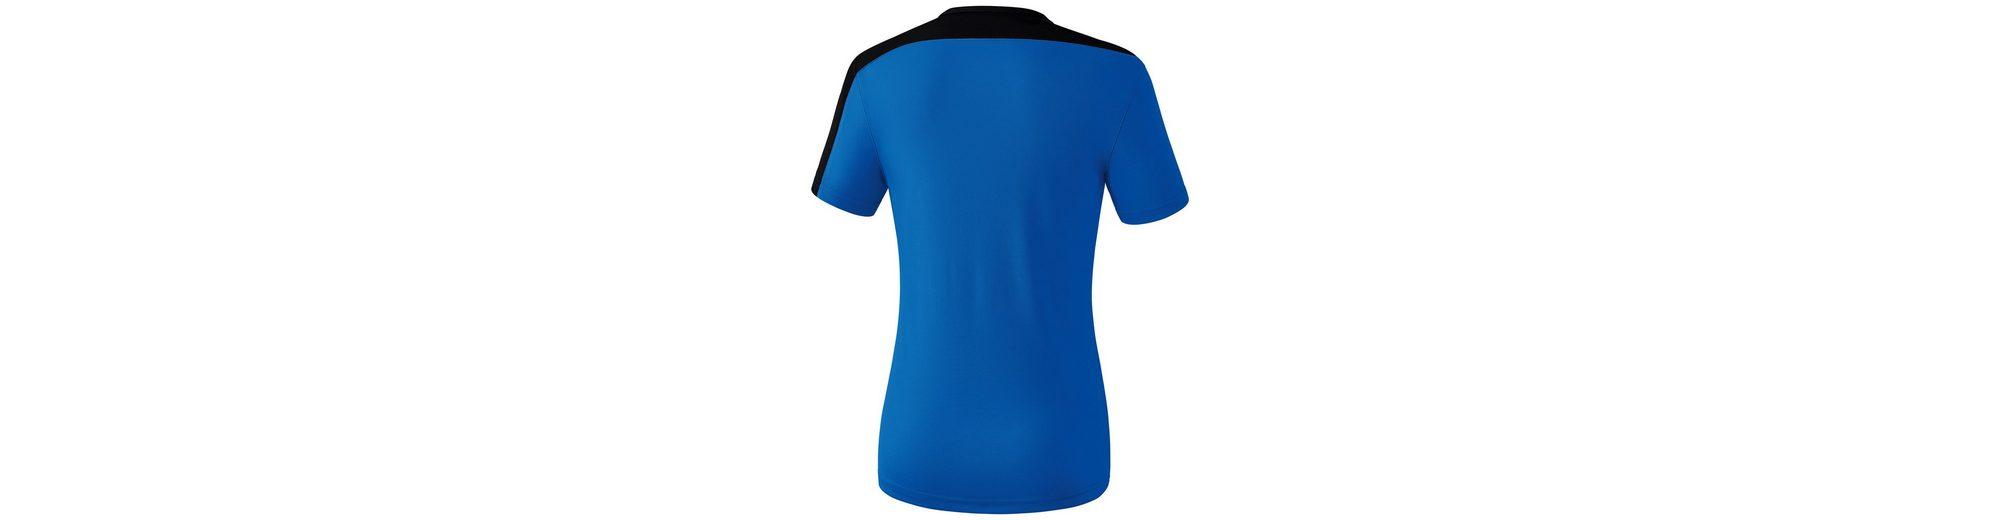 ERIMA Club 1900 2.0 T-Shirt Damen Factory Outlet Günstig Online Billig Wie Viel bOIRrhyRT